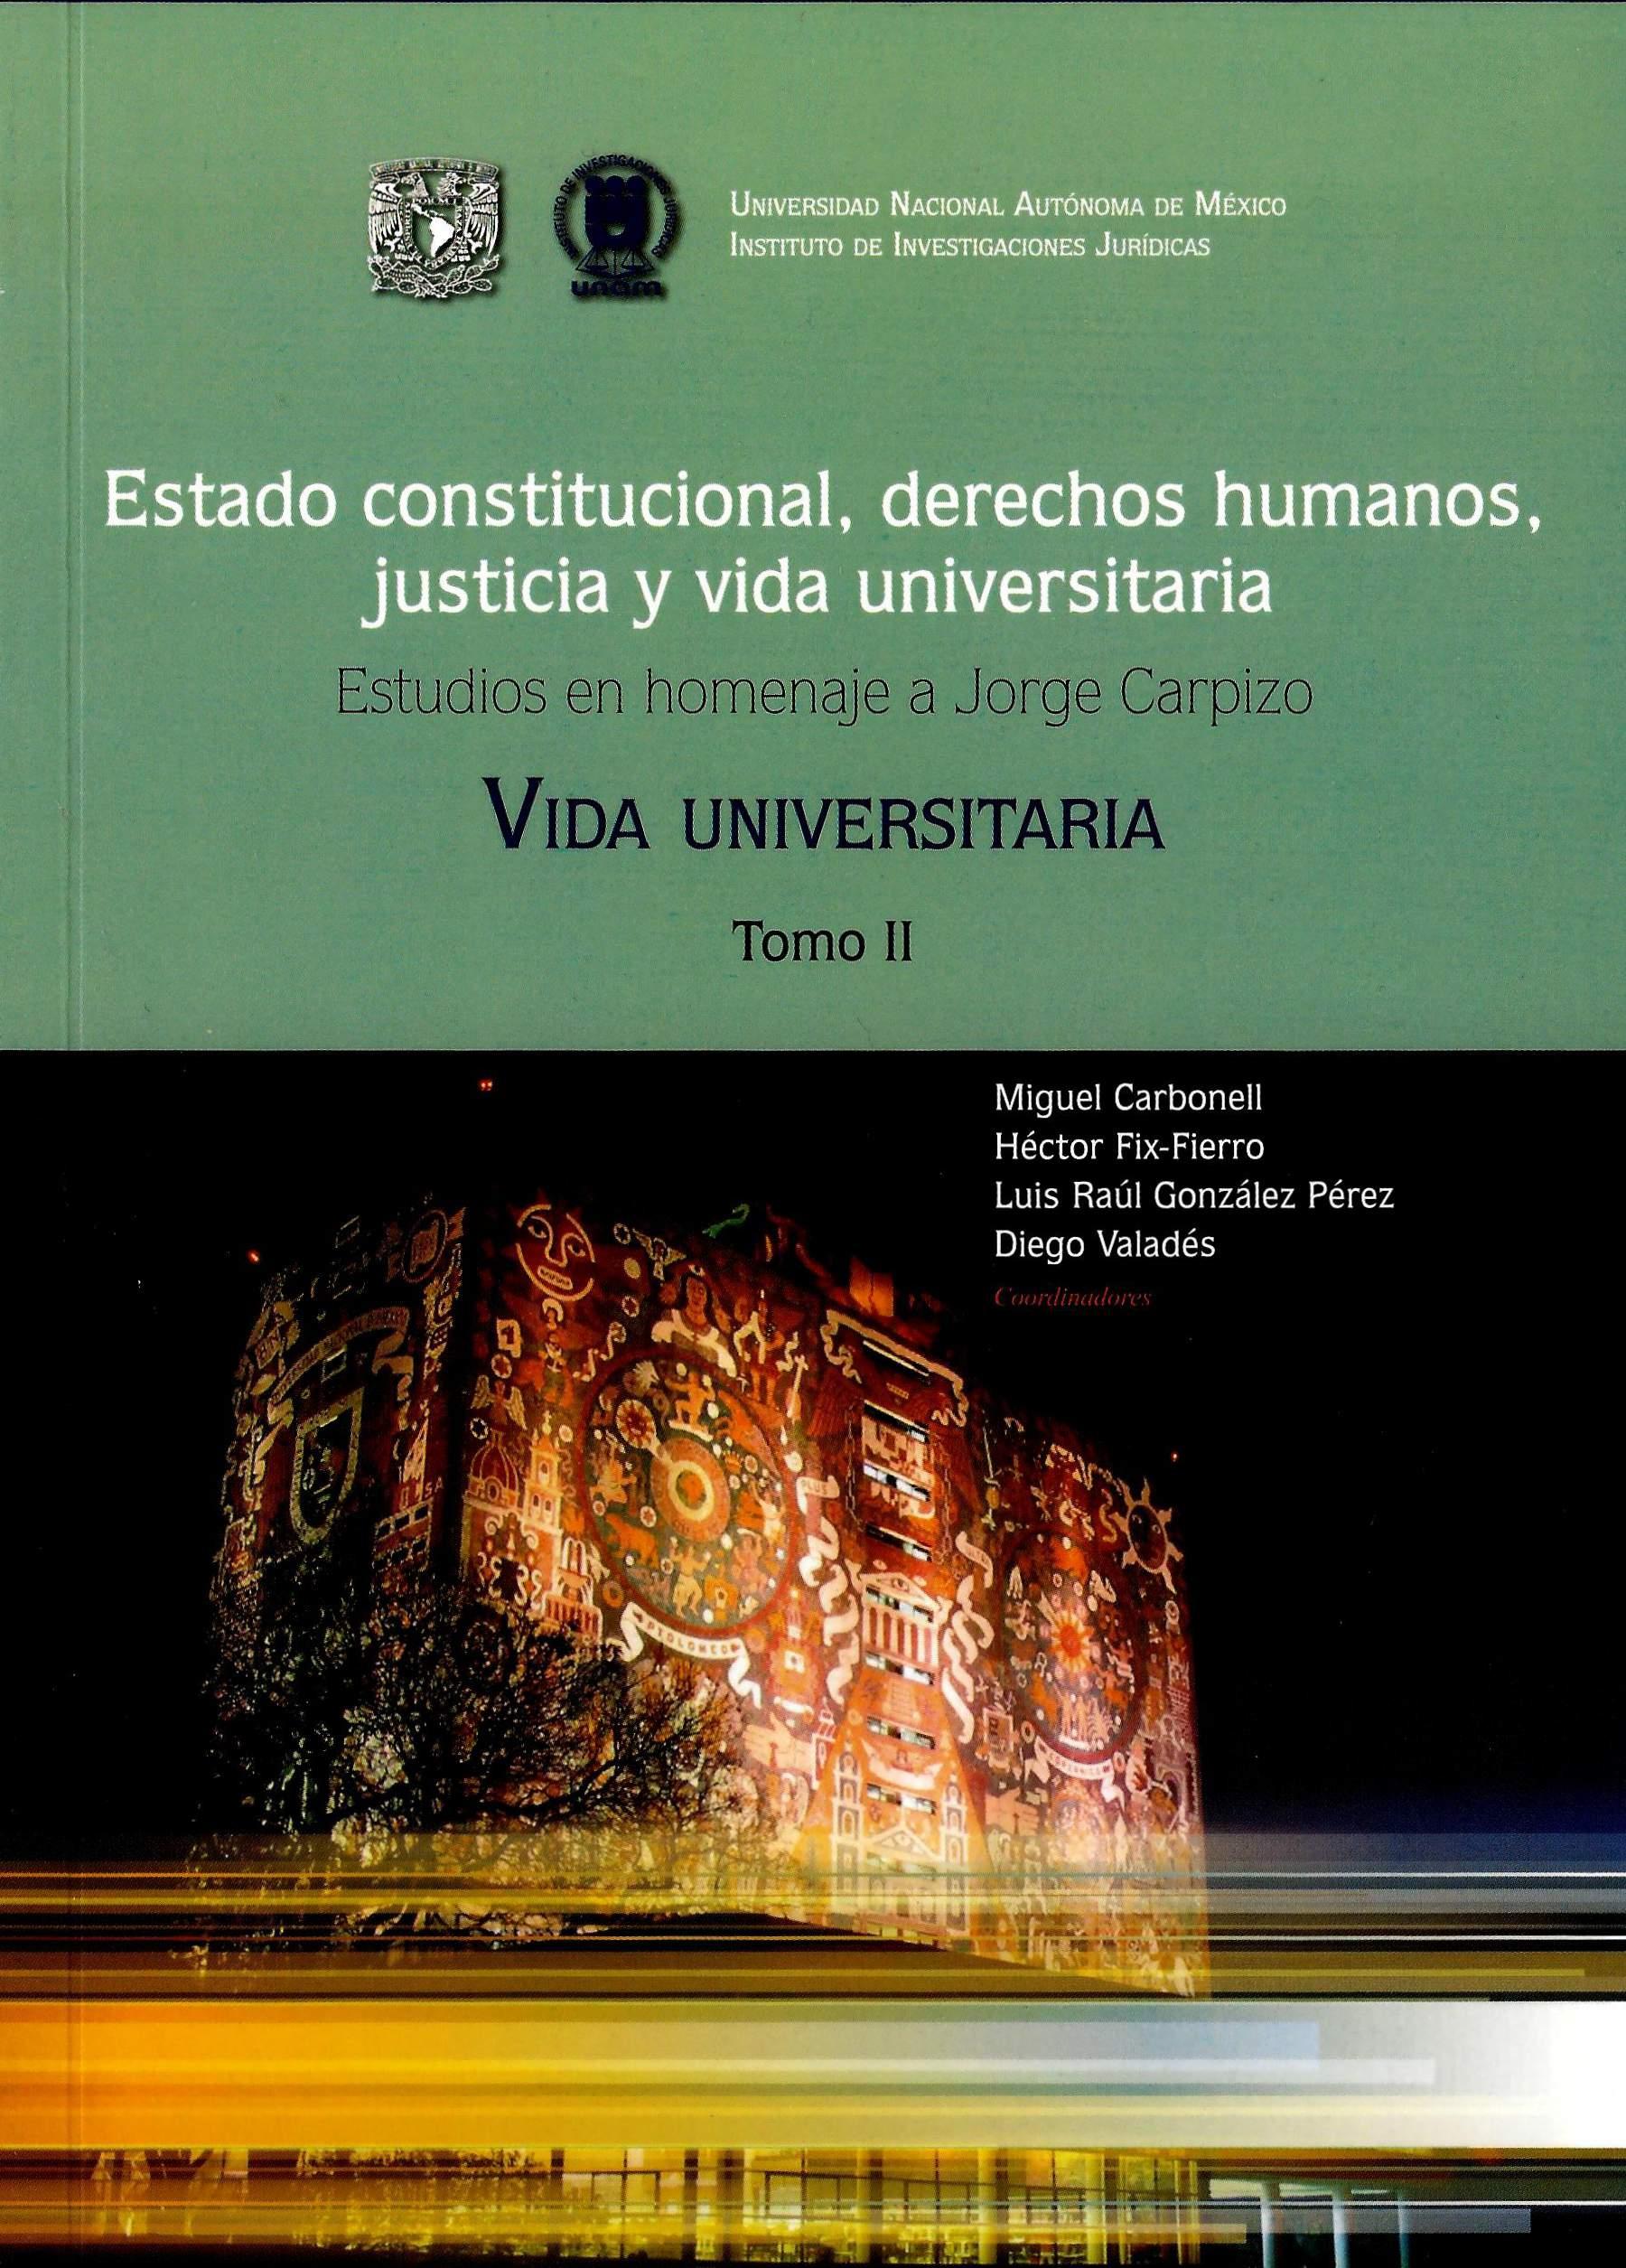 Estado constitucional, derechos humanos, justicia y vida universitaria. Tomo II Homenaje a Jorge Carpizo. Vida Universitaria